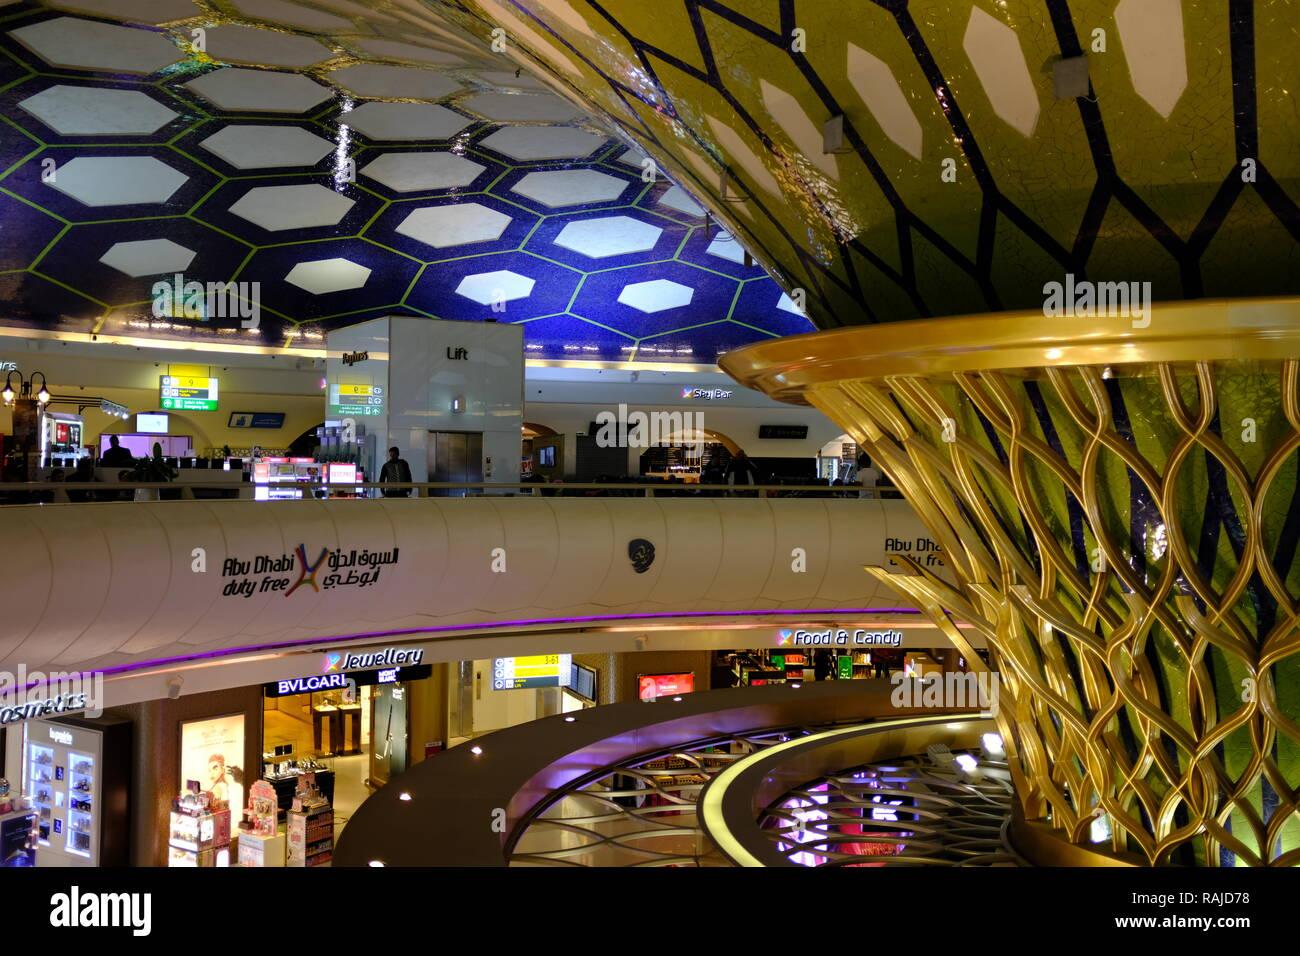 Filipina rencontre Abu Dhabi rencontres en ligne conseils longue distance relation